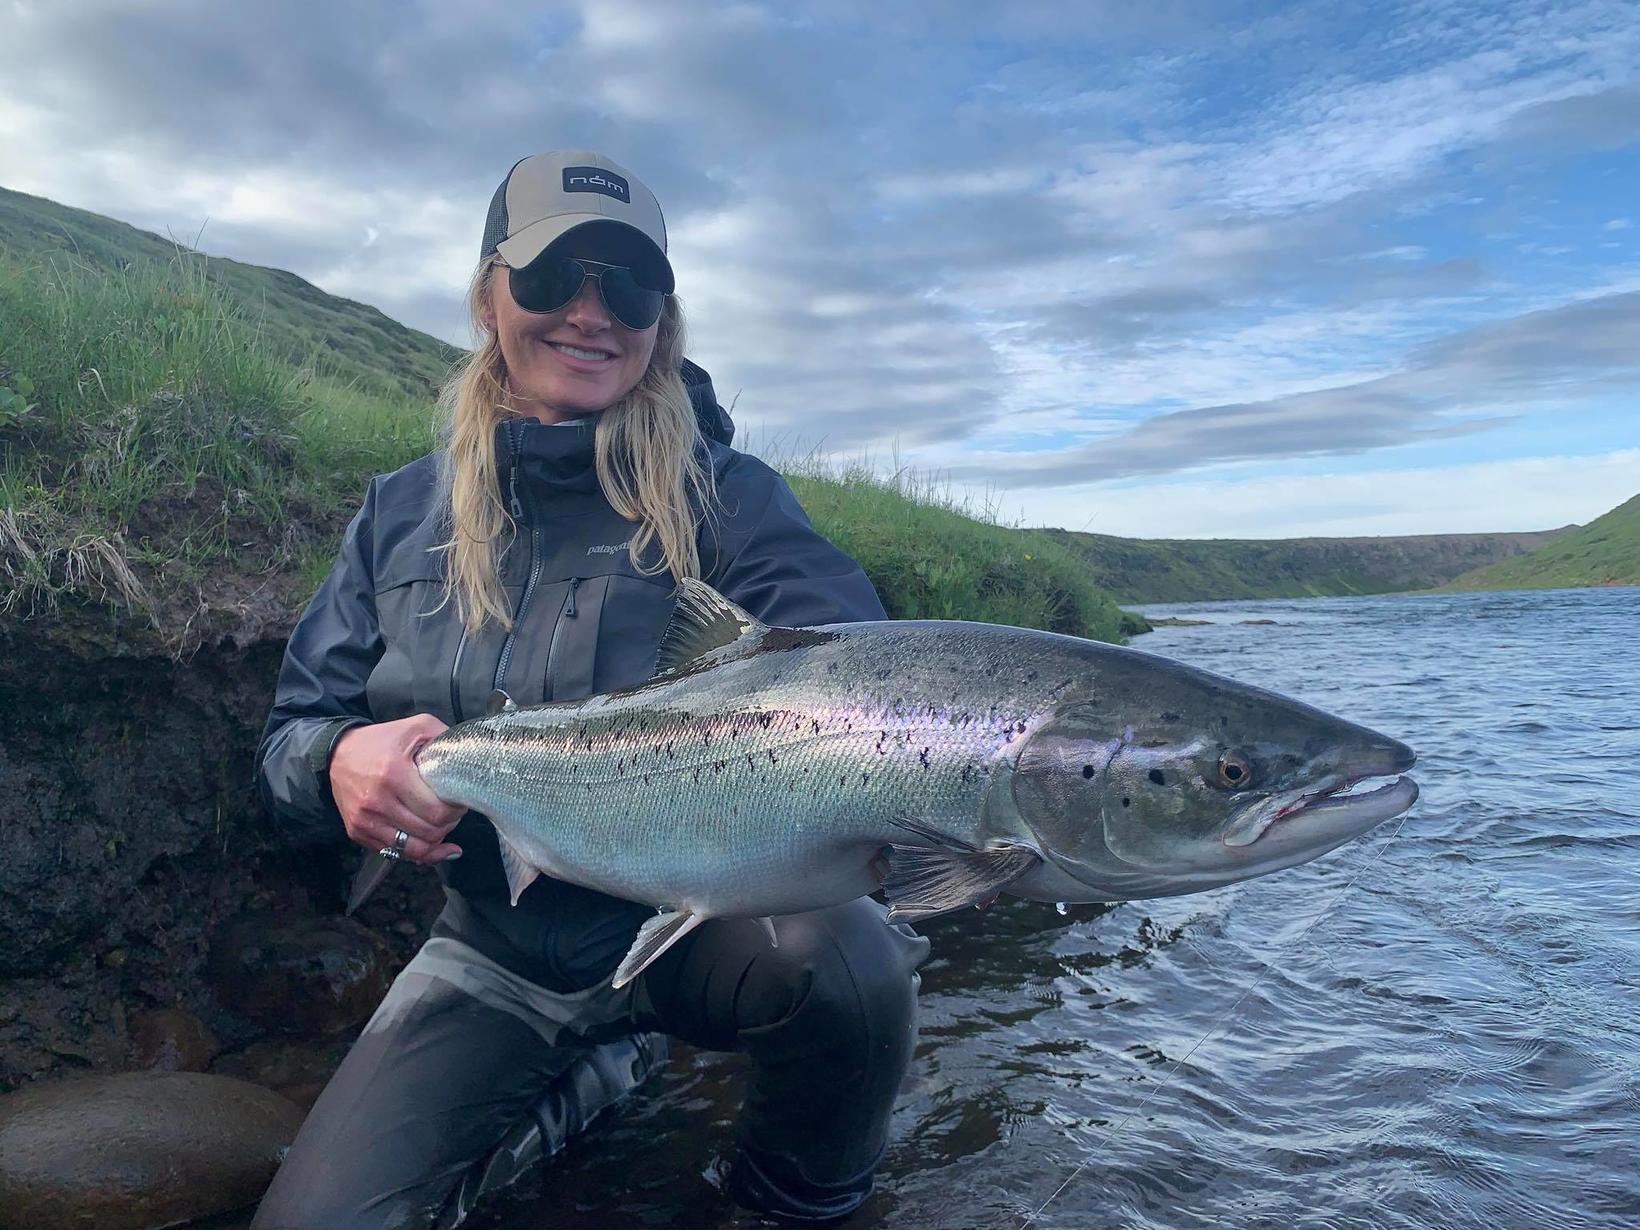 Erna Þorsteinsdóttir, kona Ingólfs með glæsilegan fisk úr Efri þriggja …